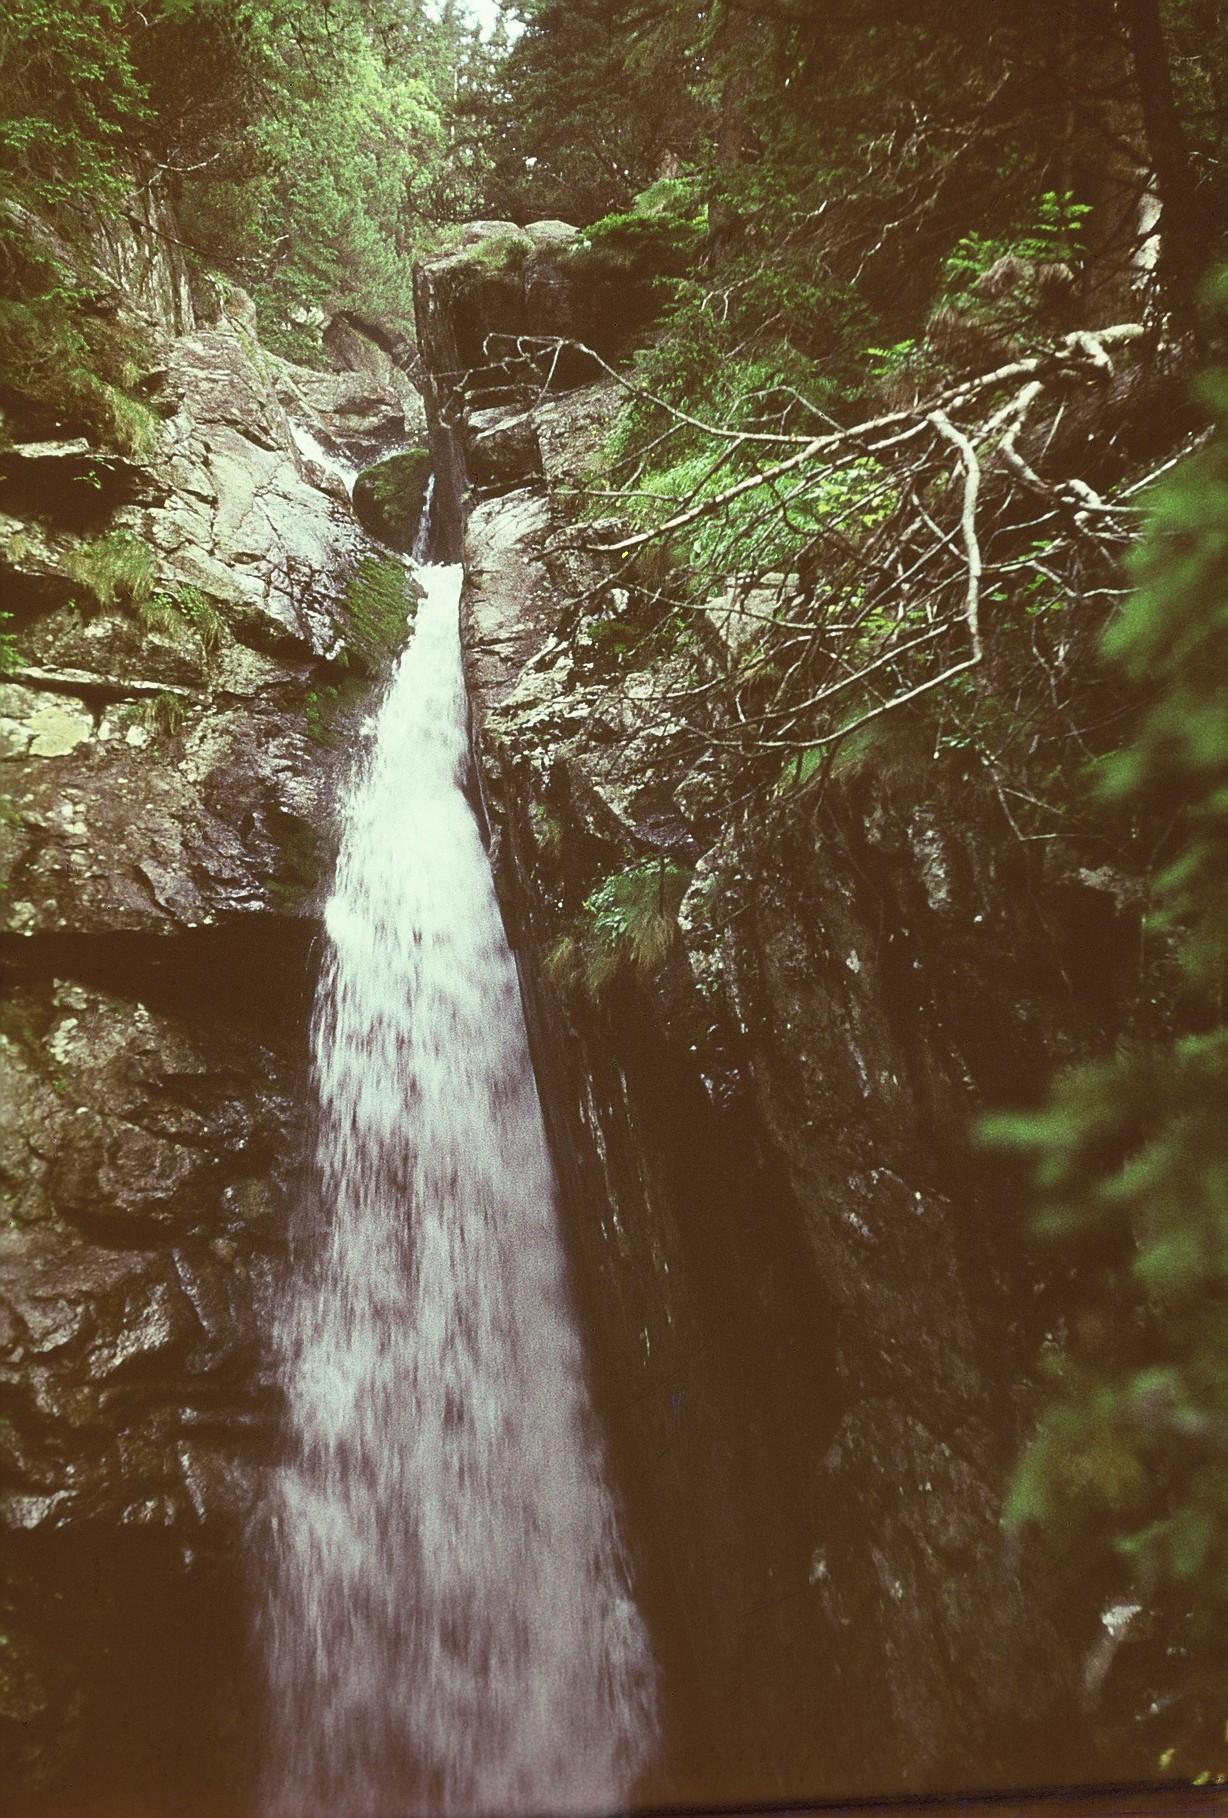 der Wasserfall wird am Rand überwunden